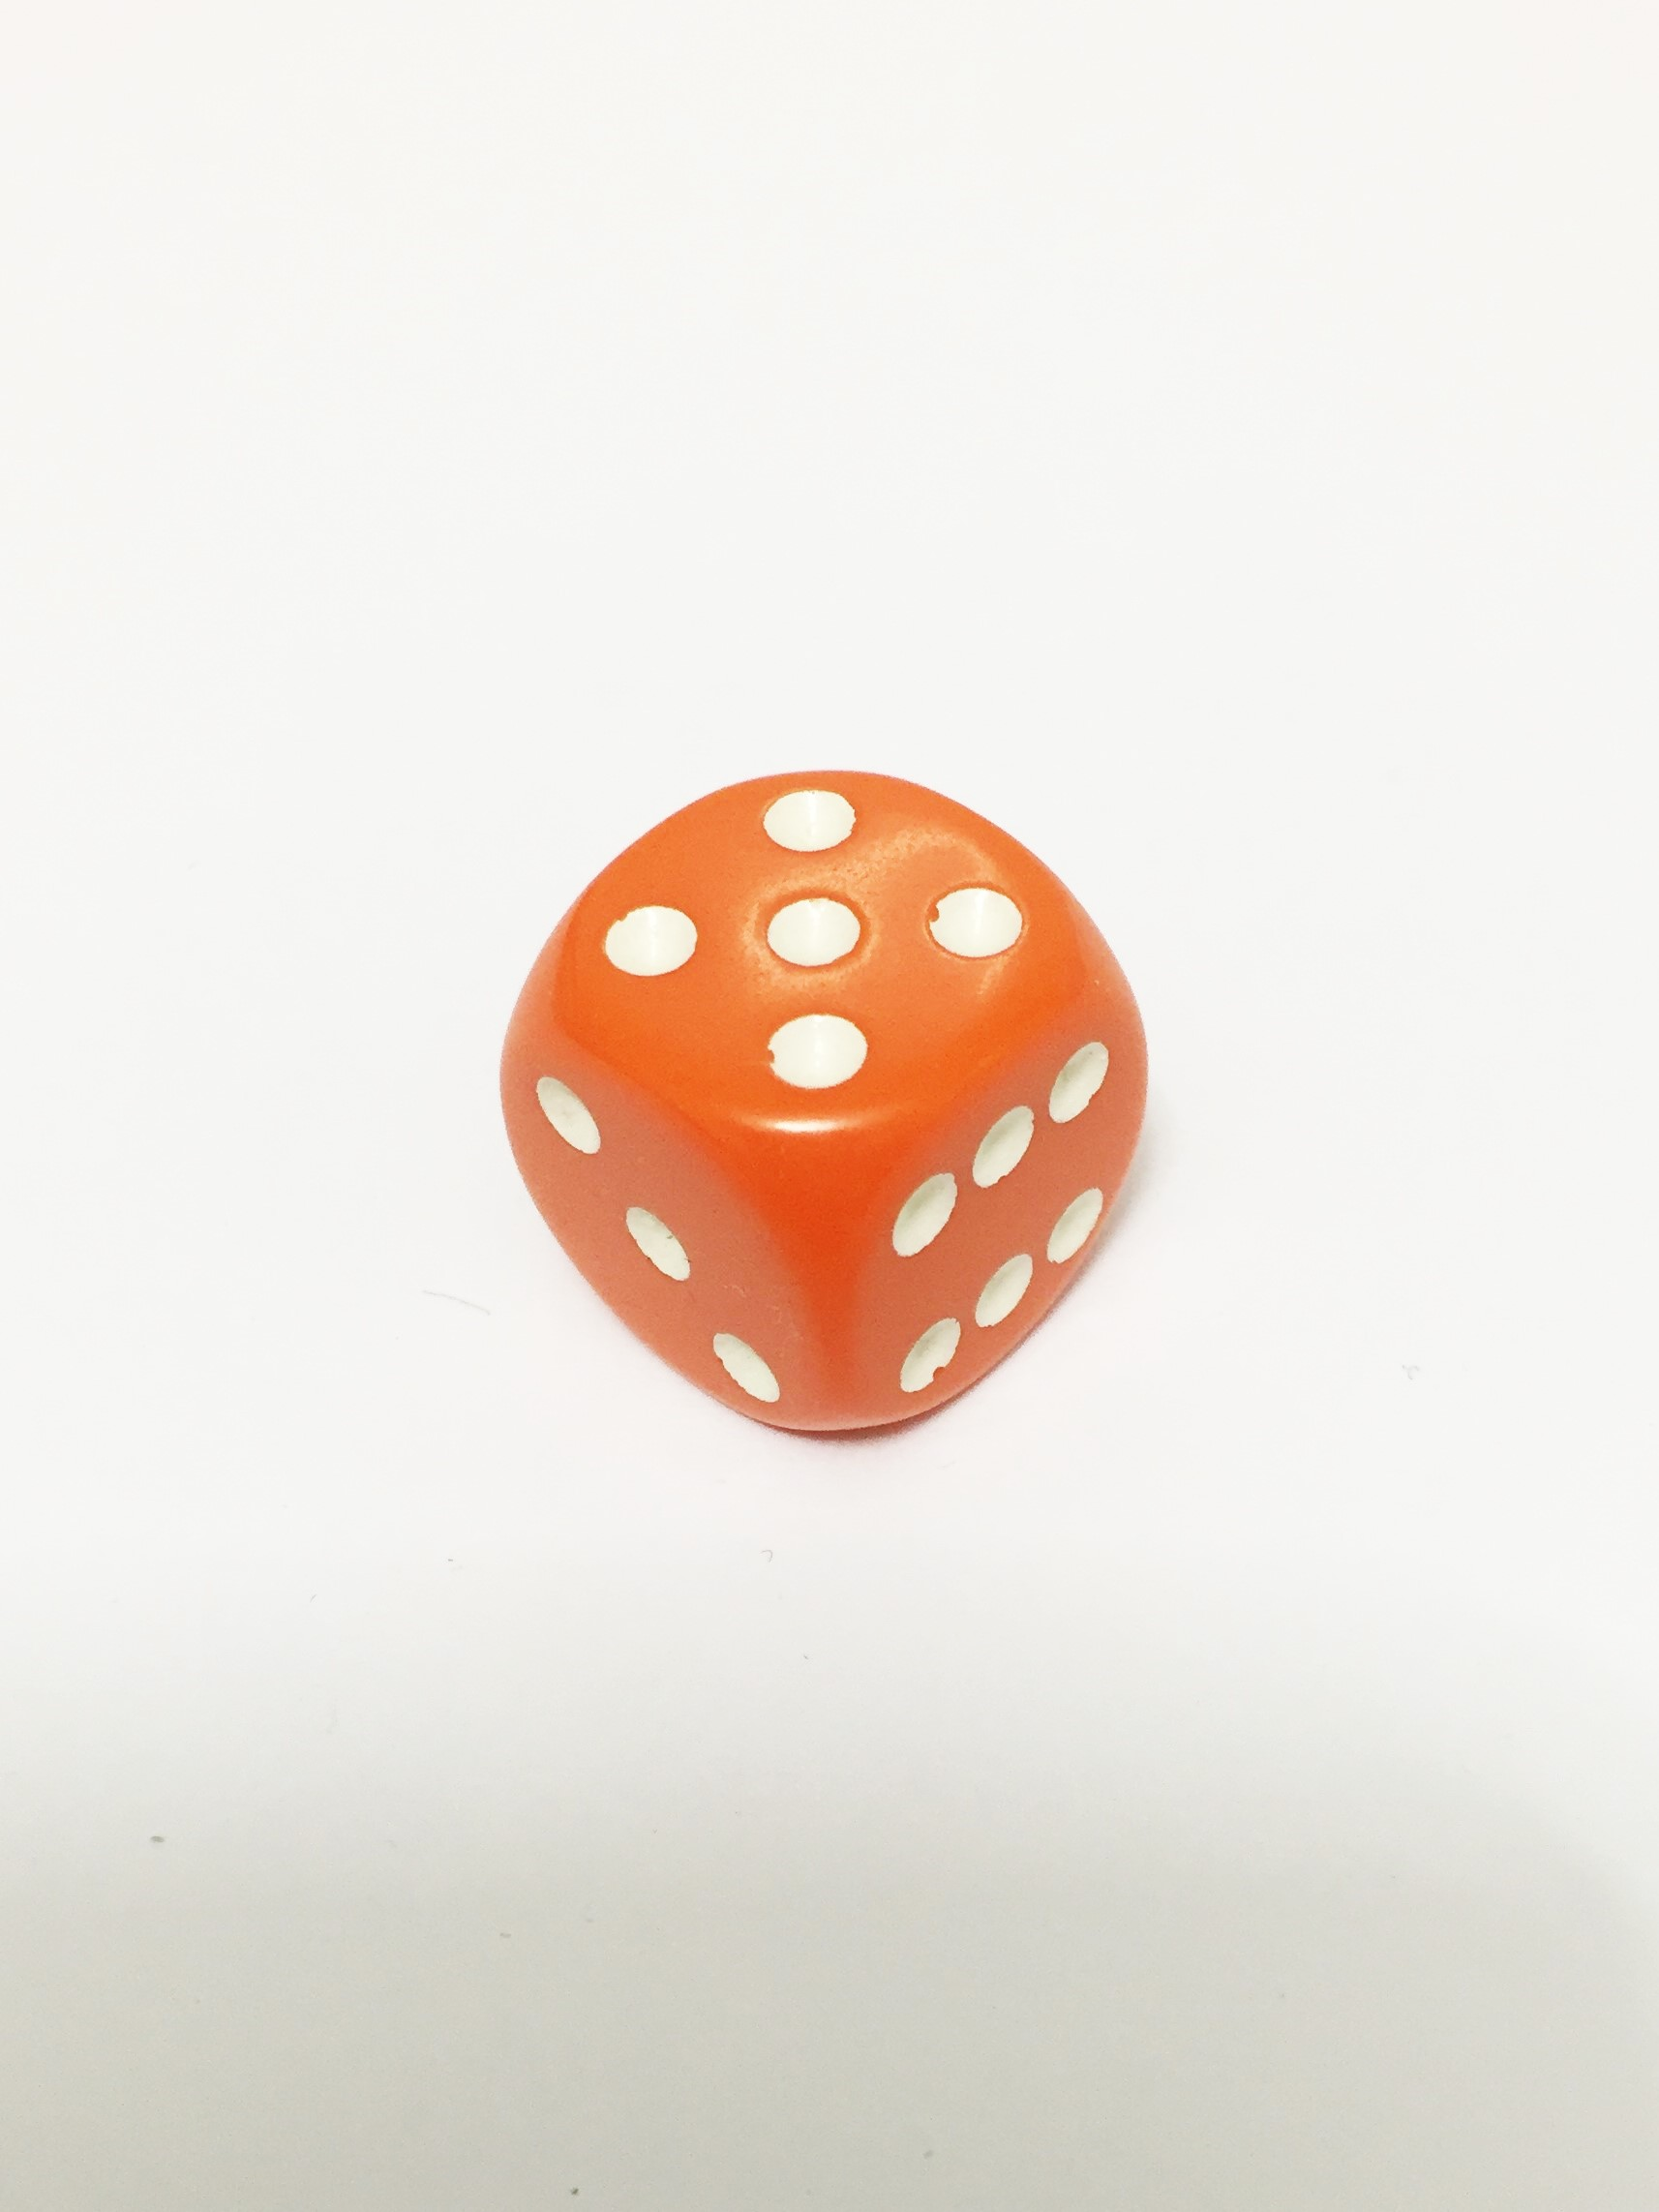 cubo D6 1D6 dados de seis acras